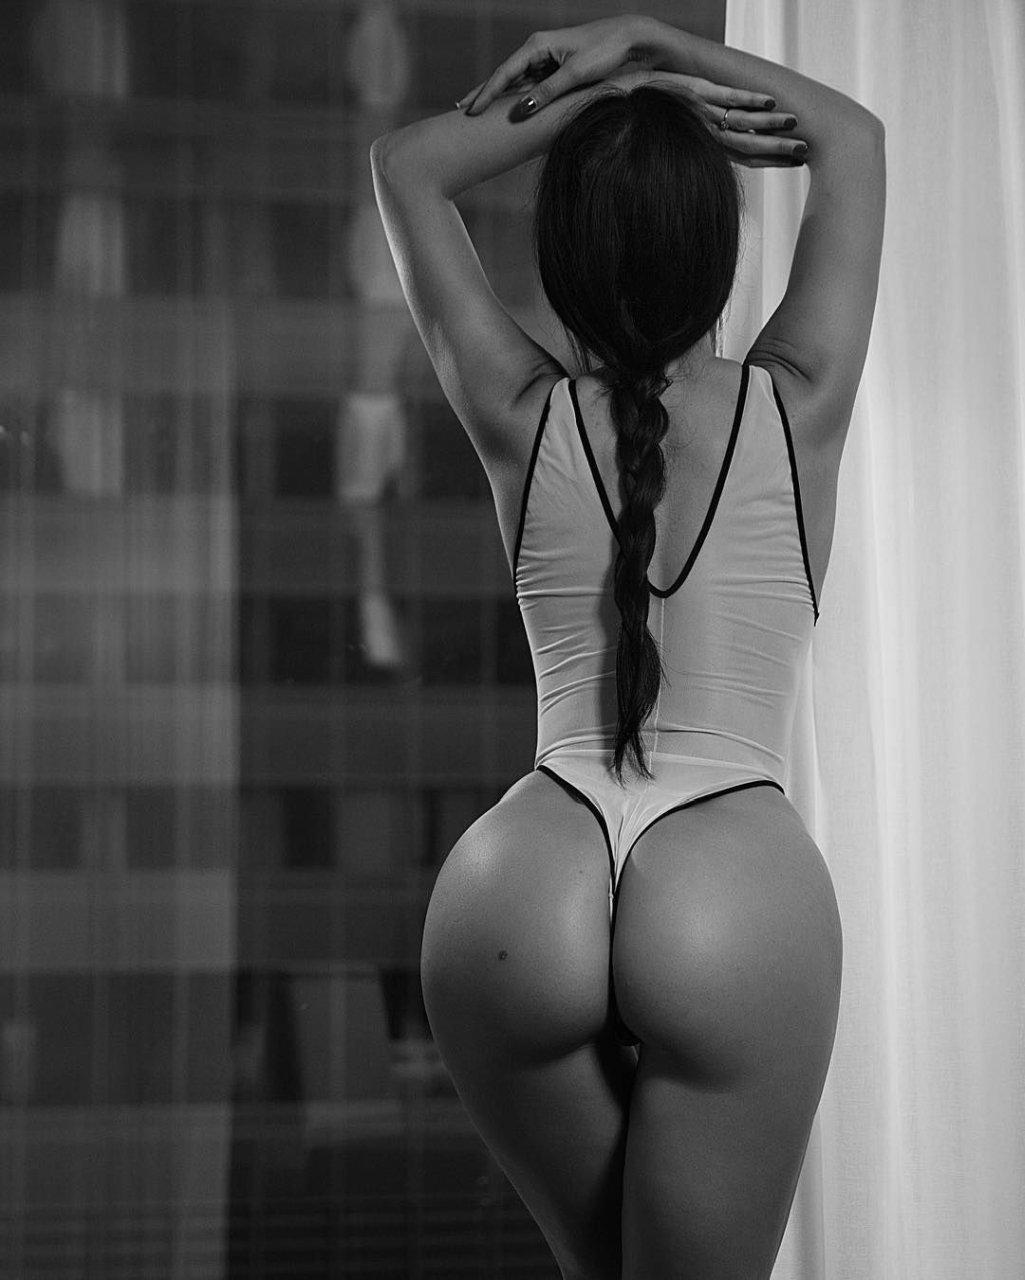 TheFappening Gayana Bagdasaryan nude (26 photo), Topless, Sideboobs, Instagram, cleavage 2019